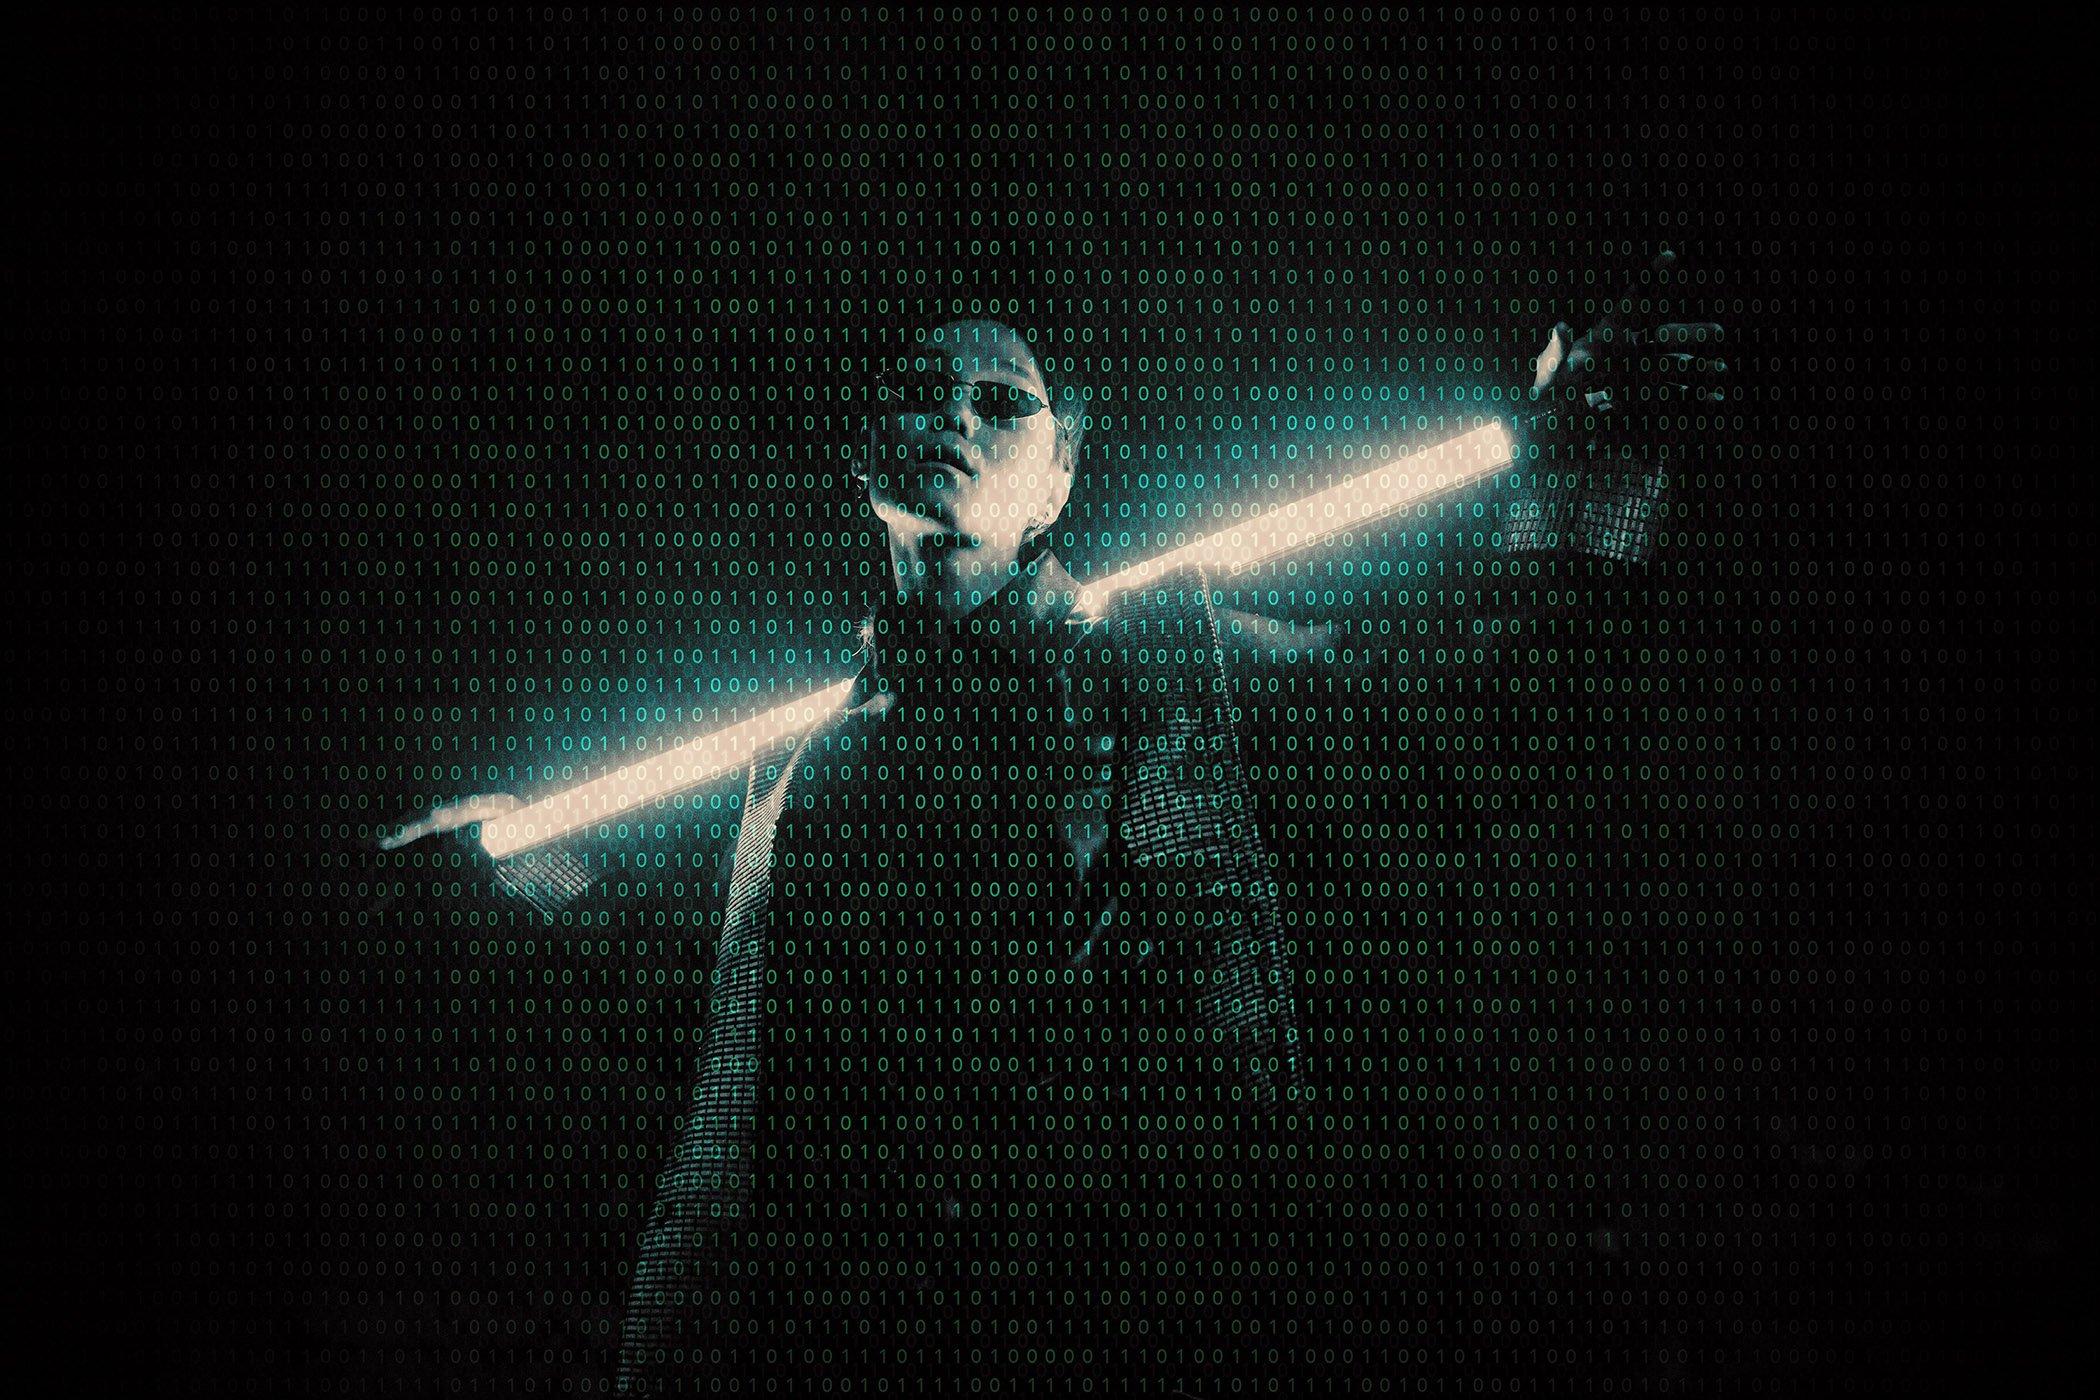 逼真黑客矩阵效果照片处理滤镜PS样式模板 Hacker Matrix Photo Effect插图2